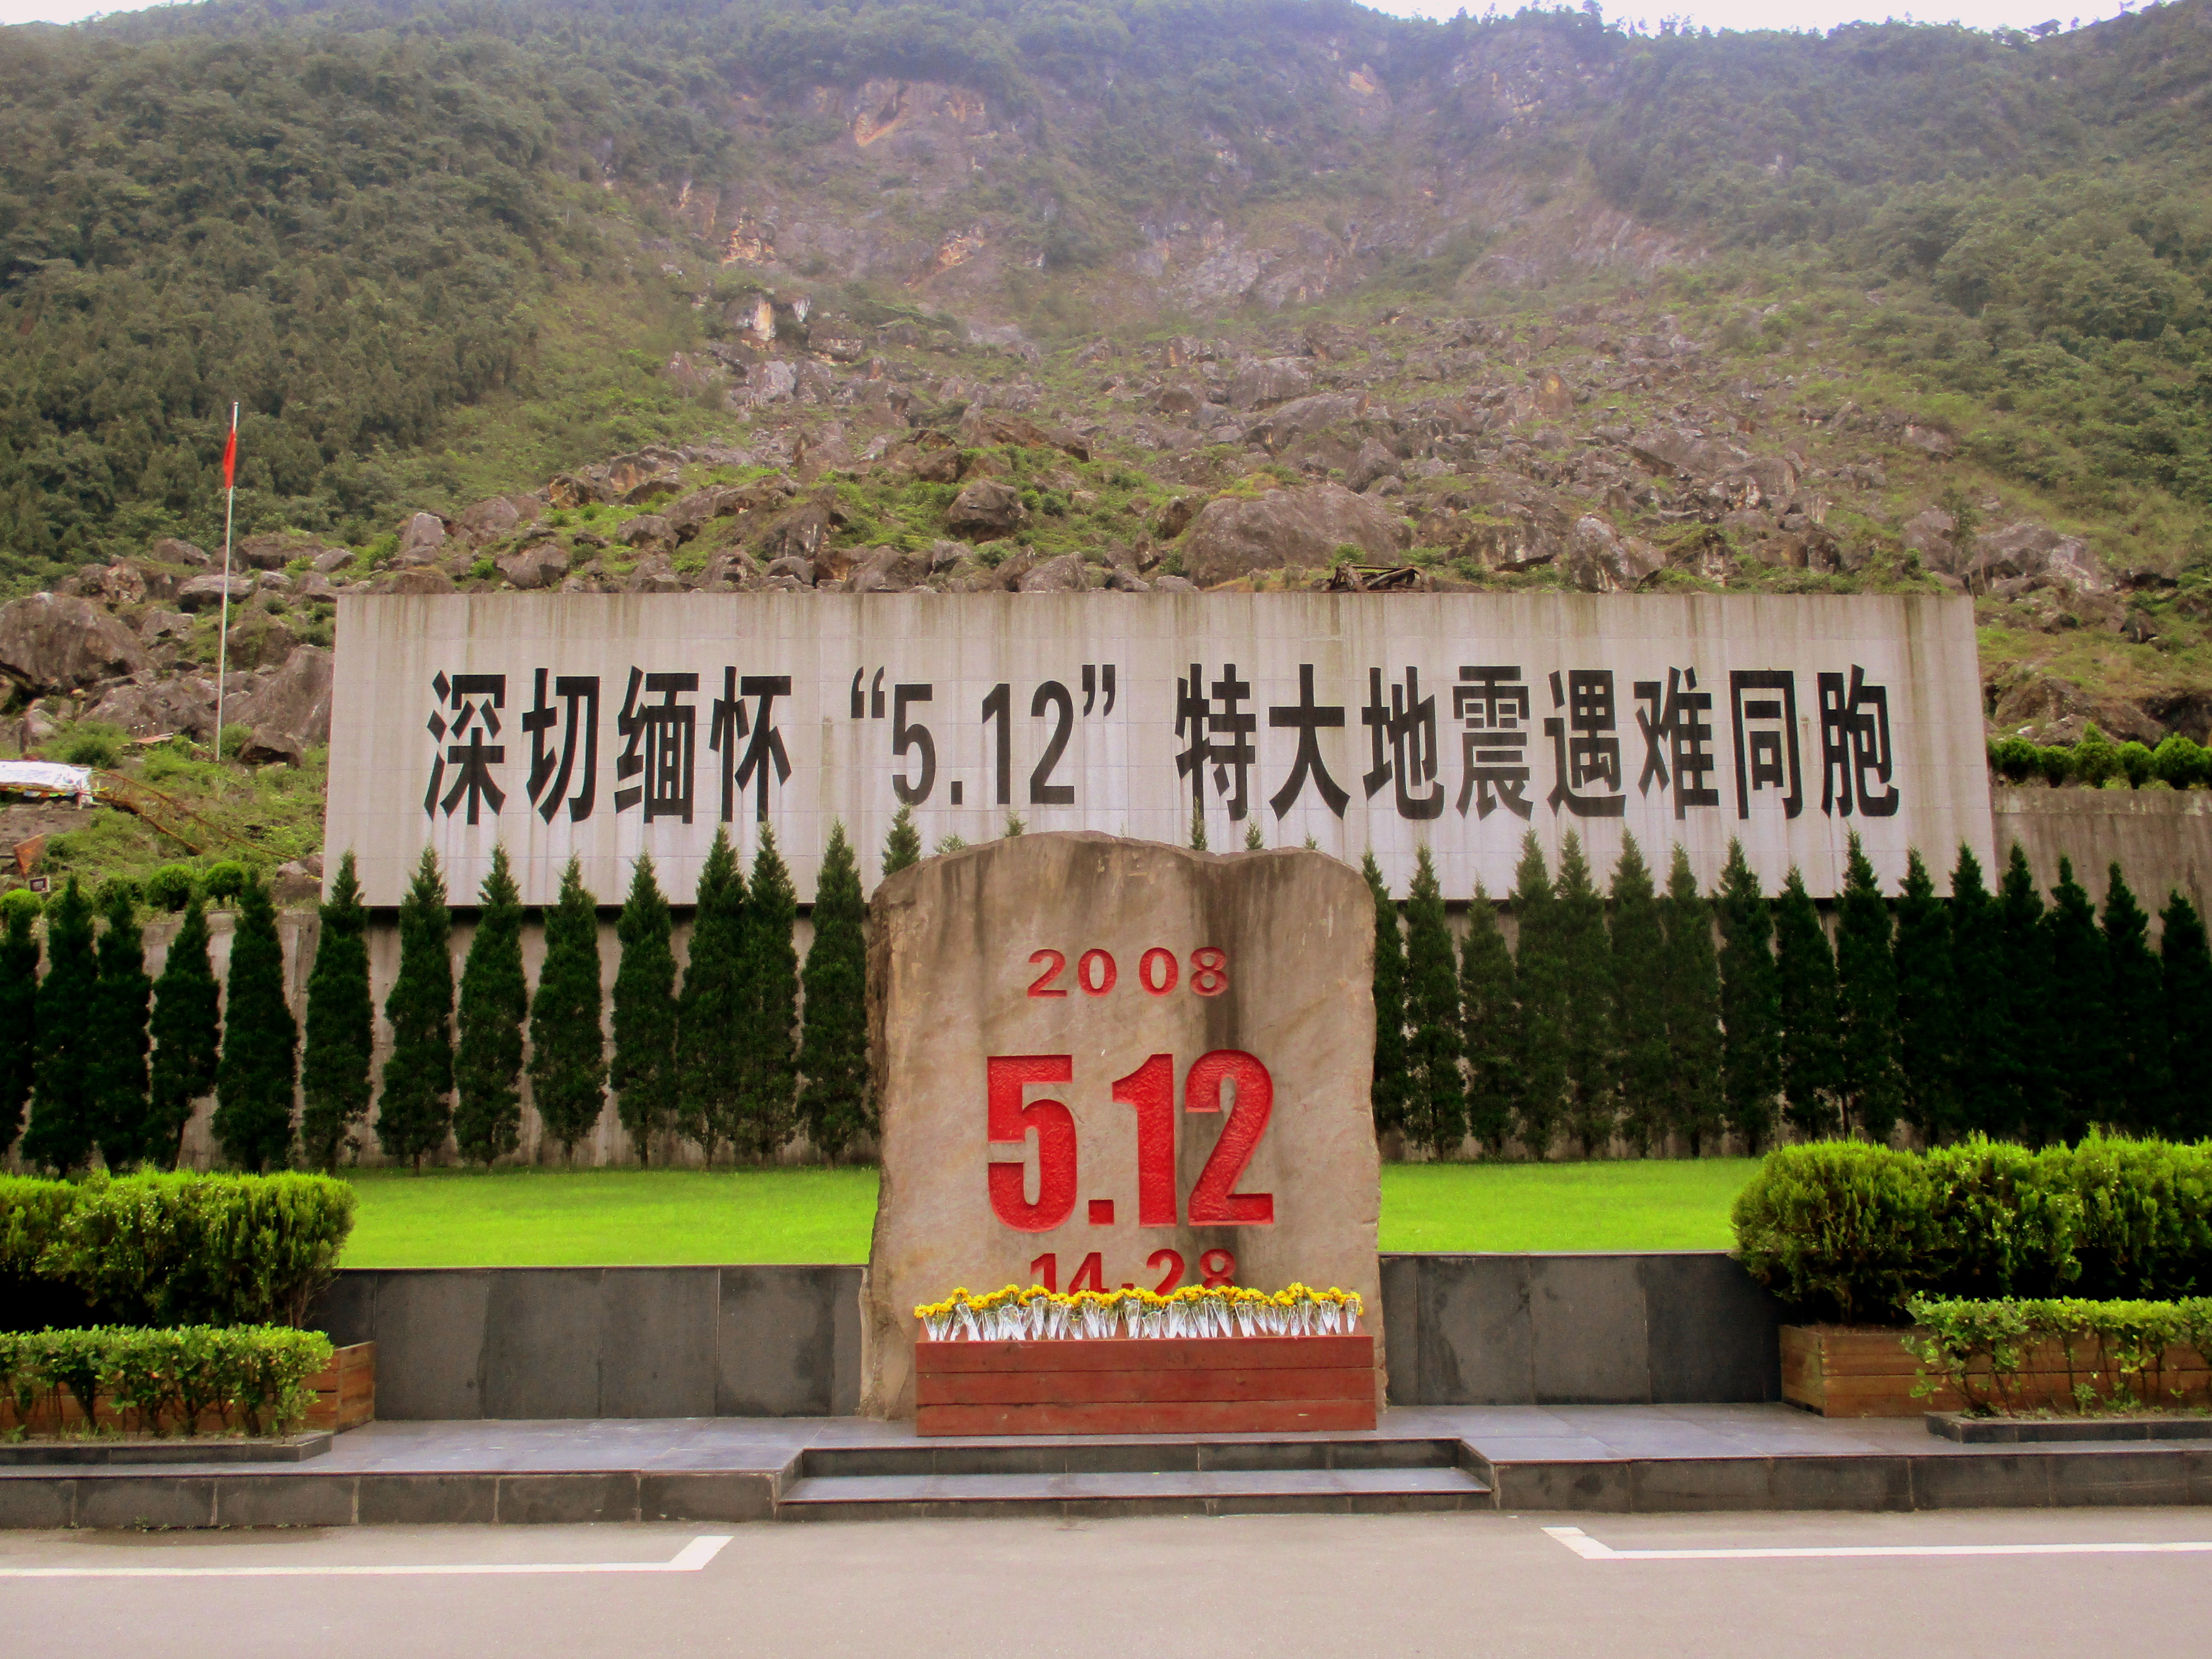 He aquí donde yacen cientos de las víctimas del terremoto, justo debajo de donde estaba una escuela secundaria. Beichuan.